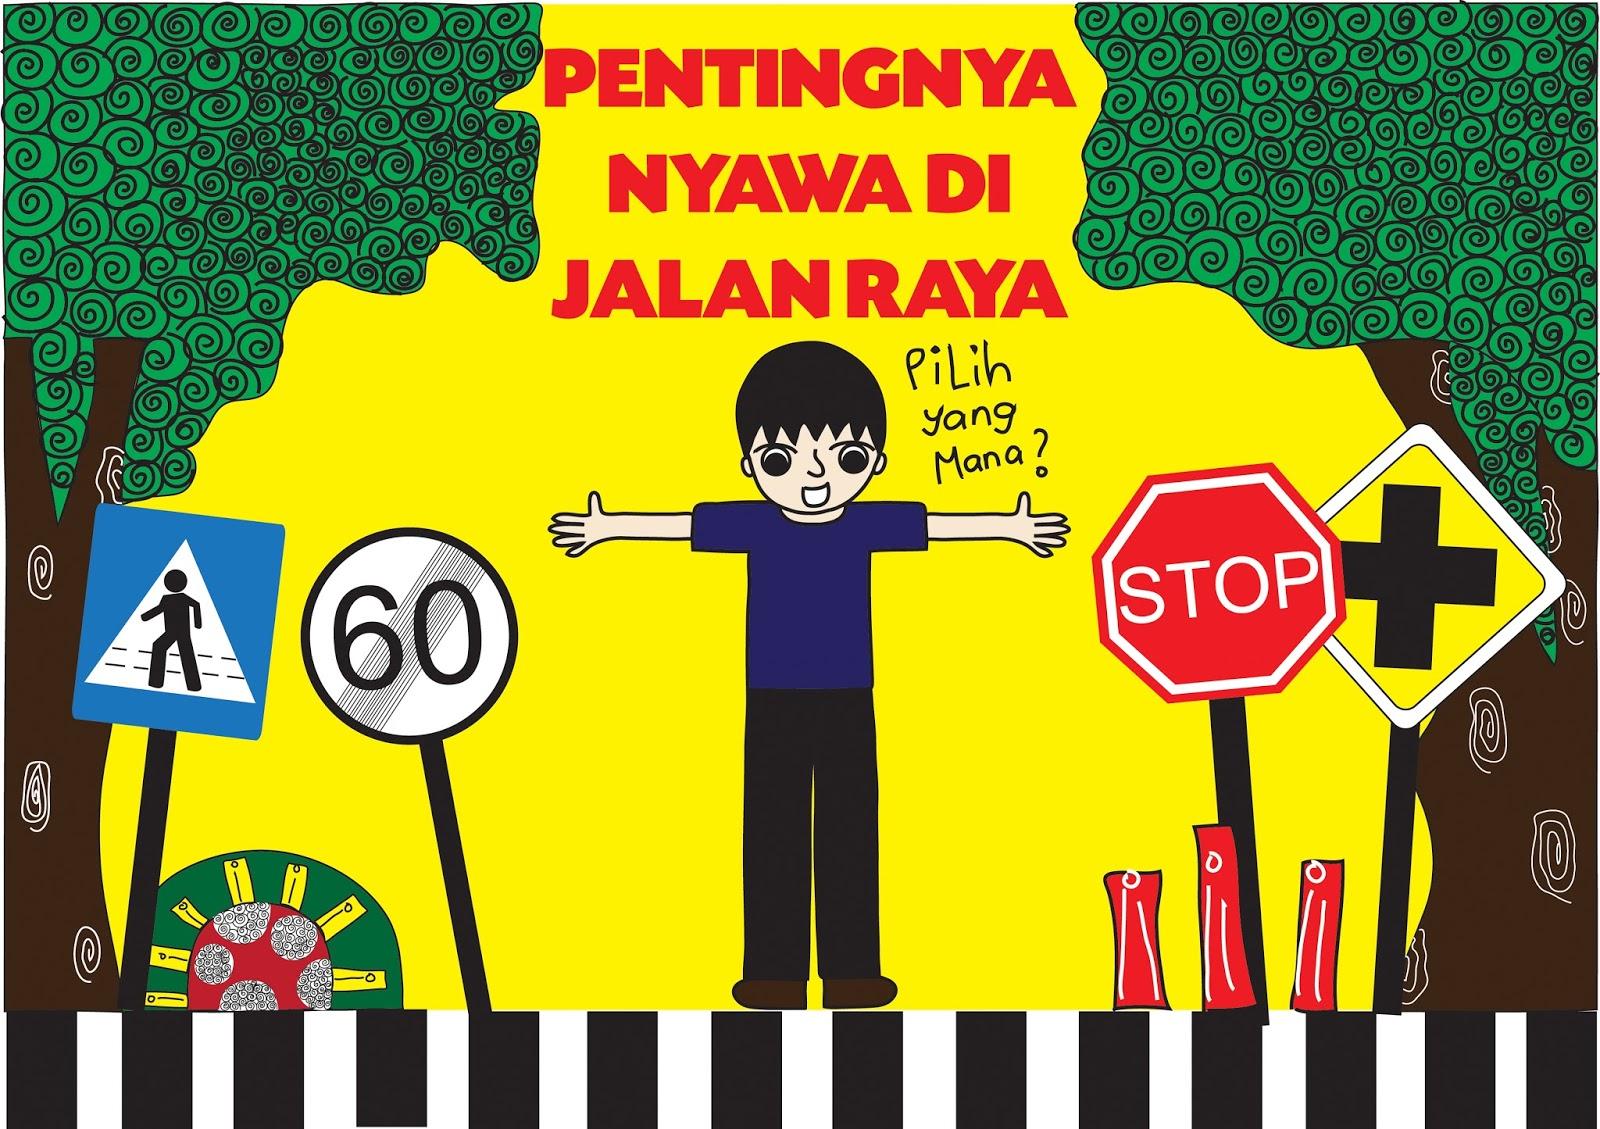 etika lalu lintas bag 2